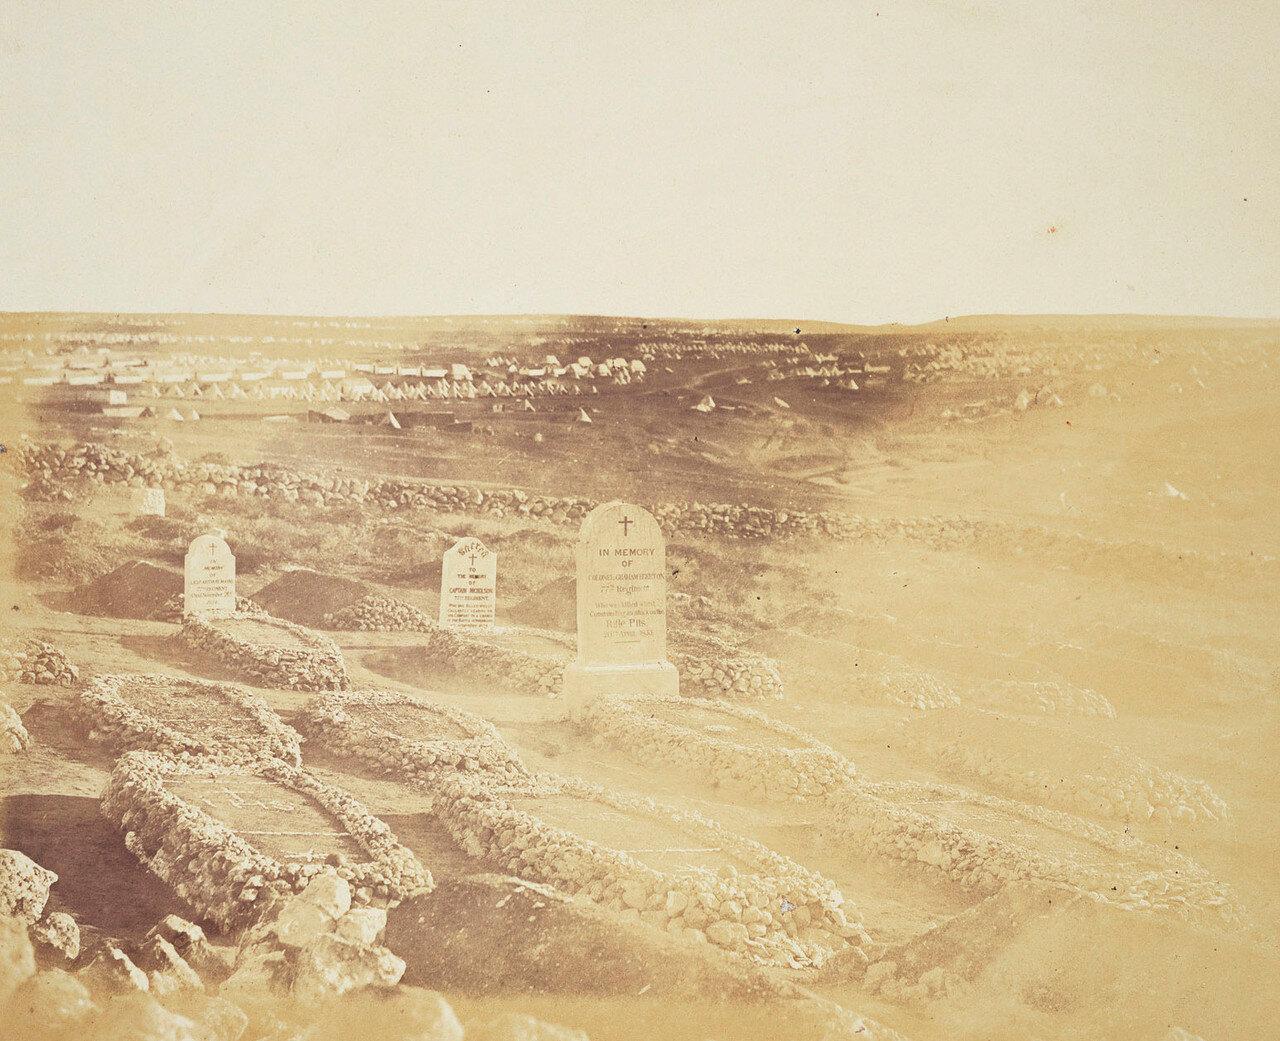 Могилы 77-го полка на британском кладбище возле Севастополя